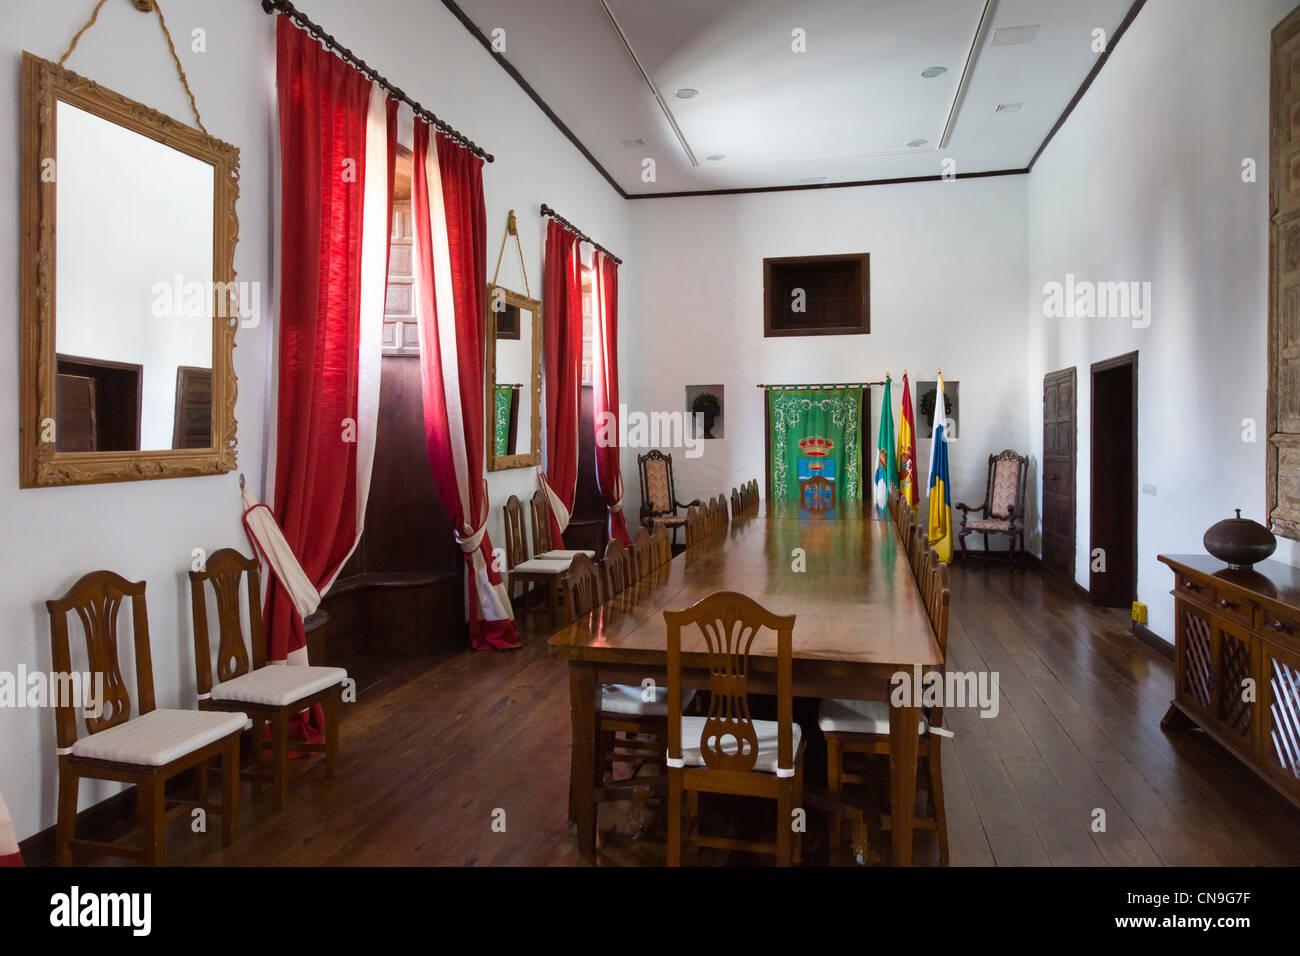 Casa del Timple in Teguise, Museums-und Erbe gewidmet der Kanarischen 5-saitige Instrument - Zustand Zimmer Stockbild